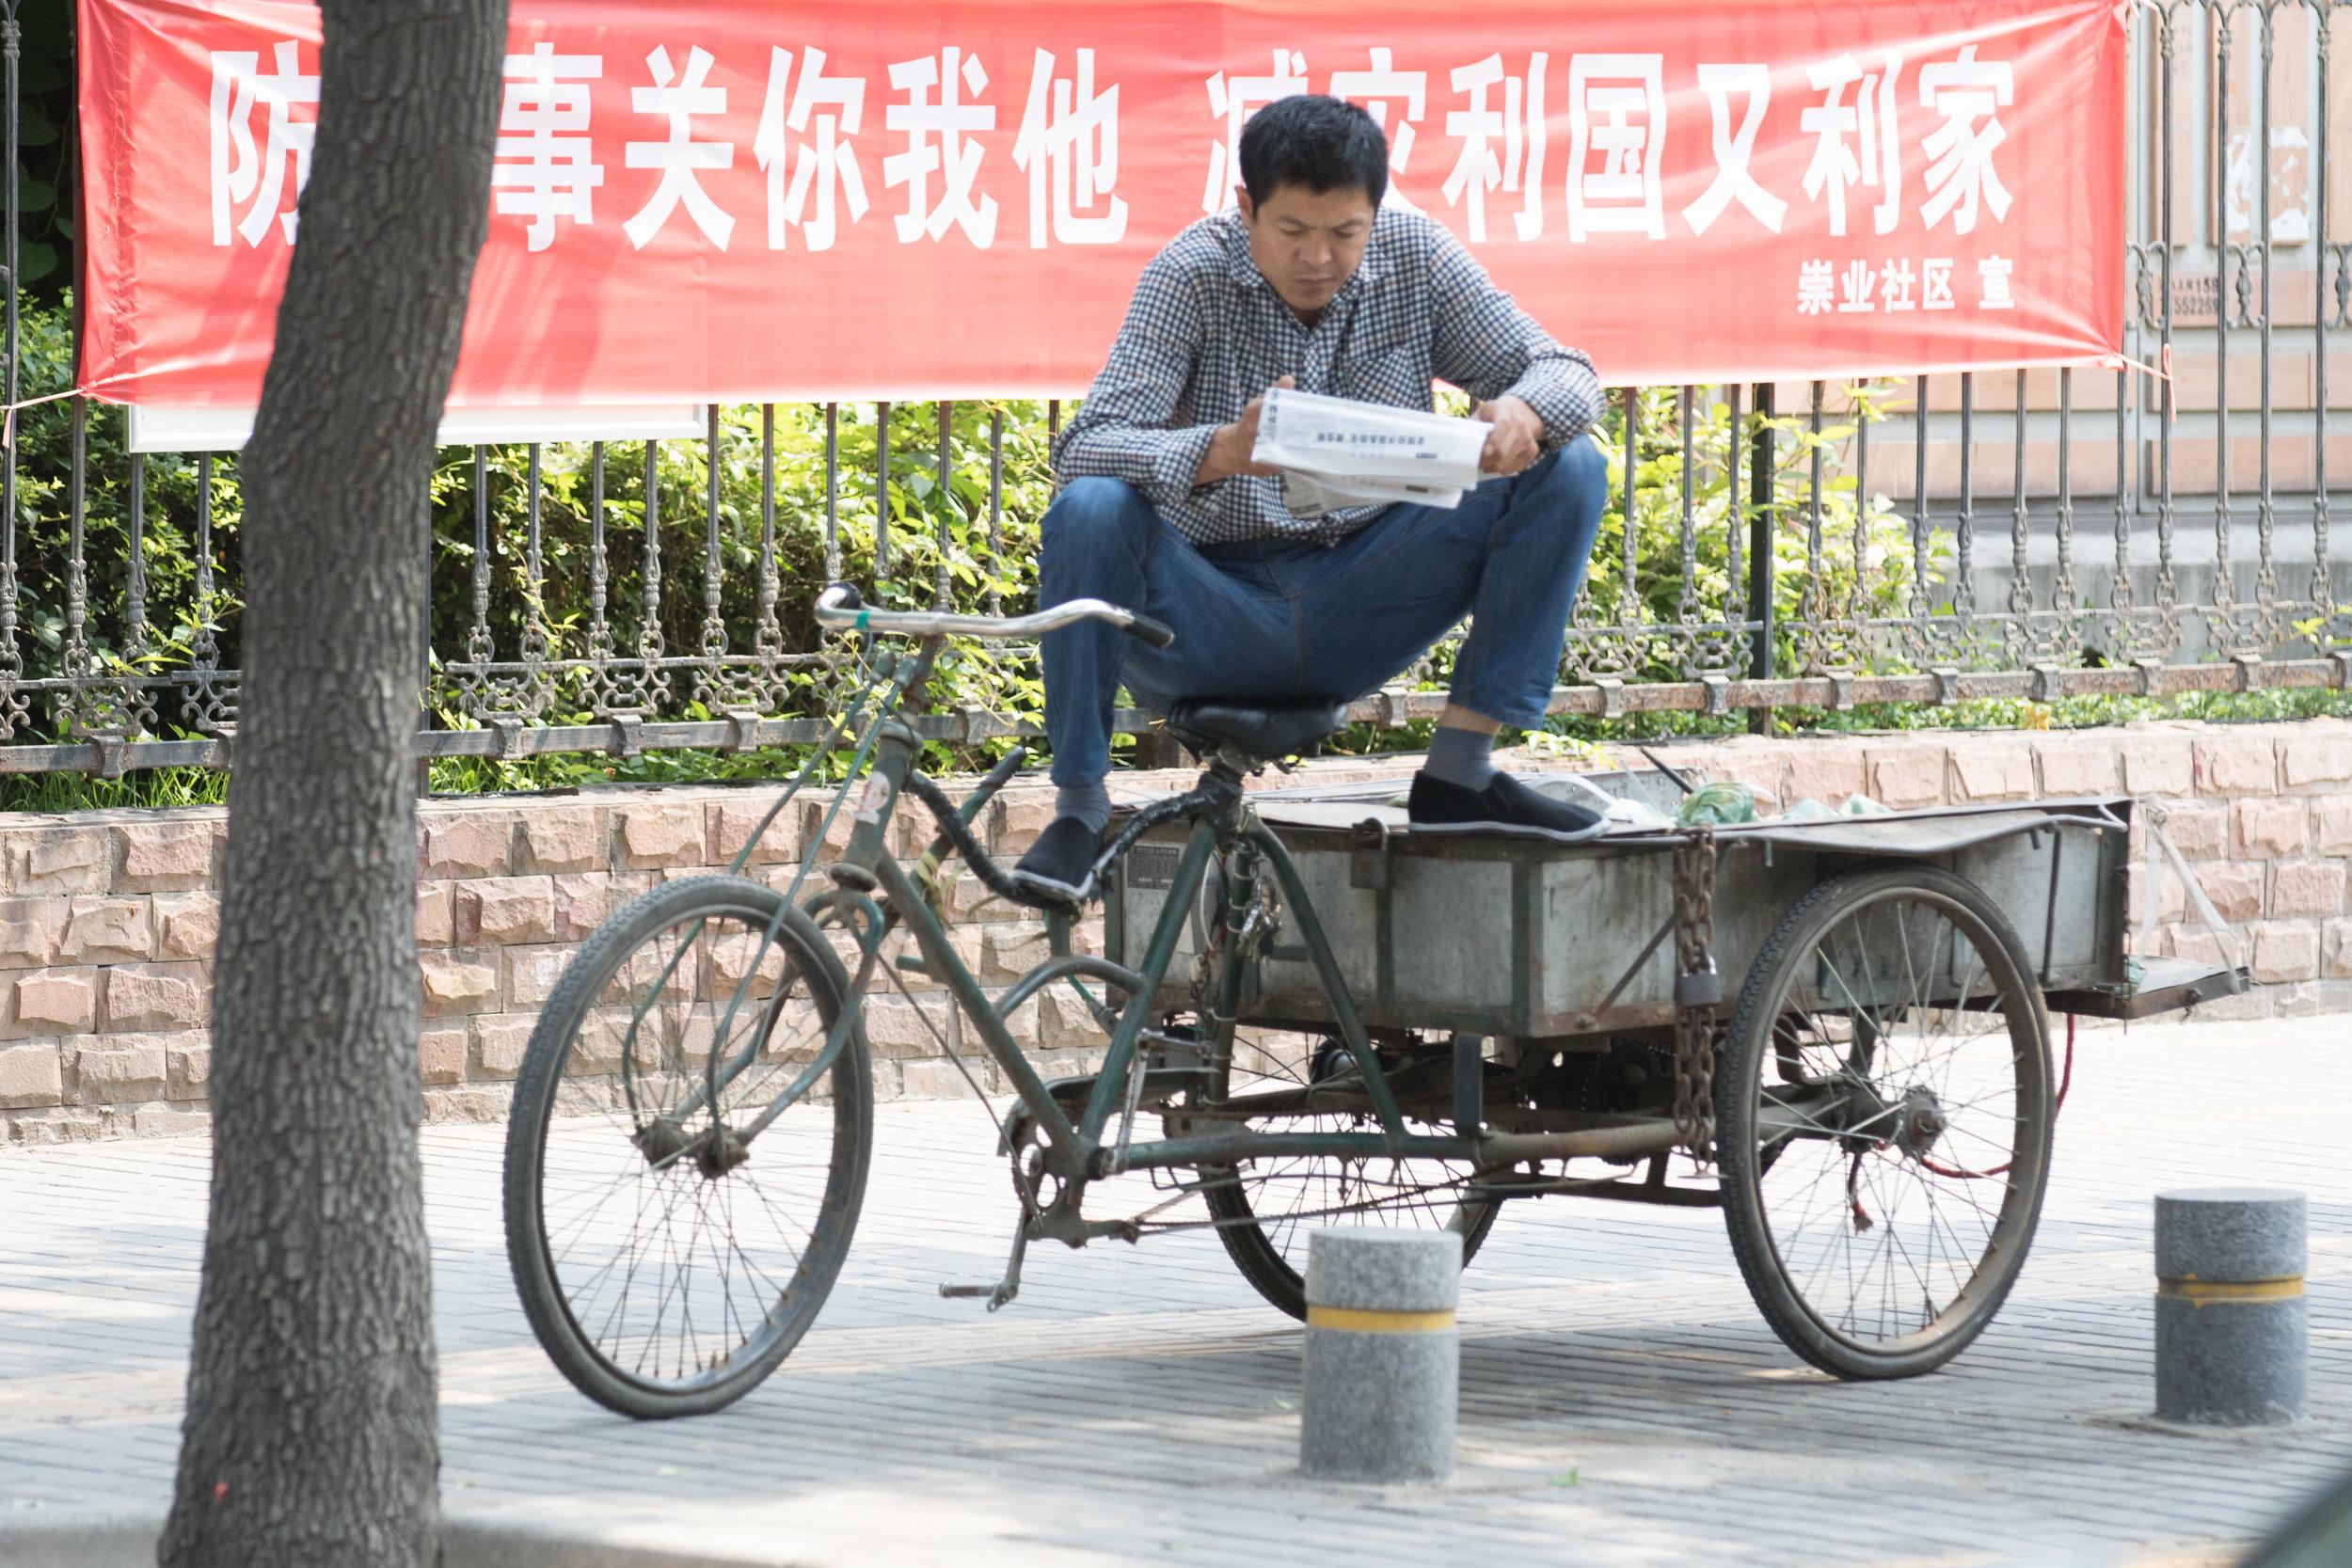 201520150526SB7D9655Xi'an_China.jpg